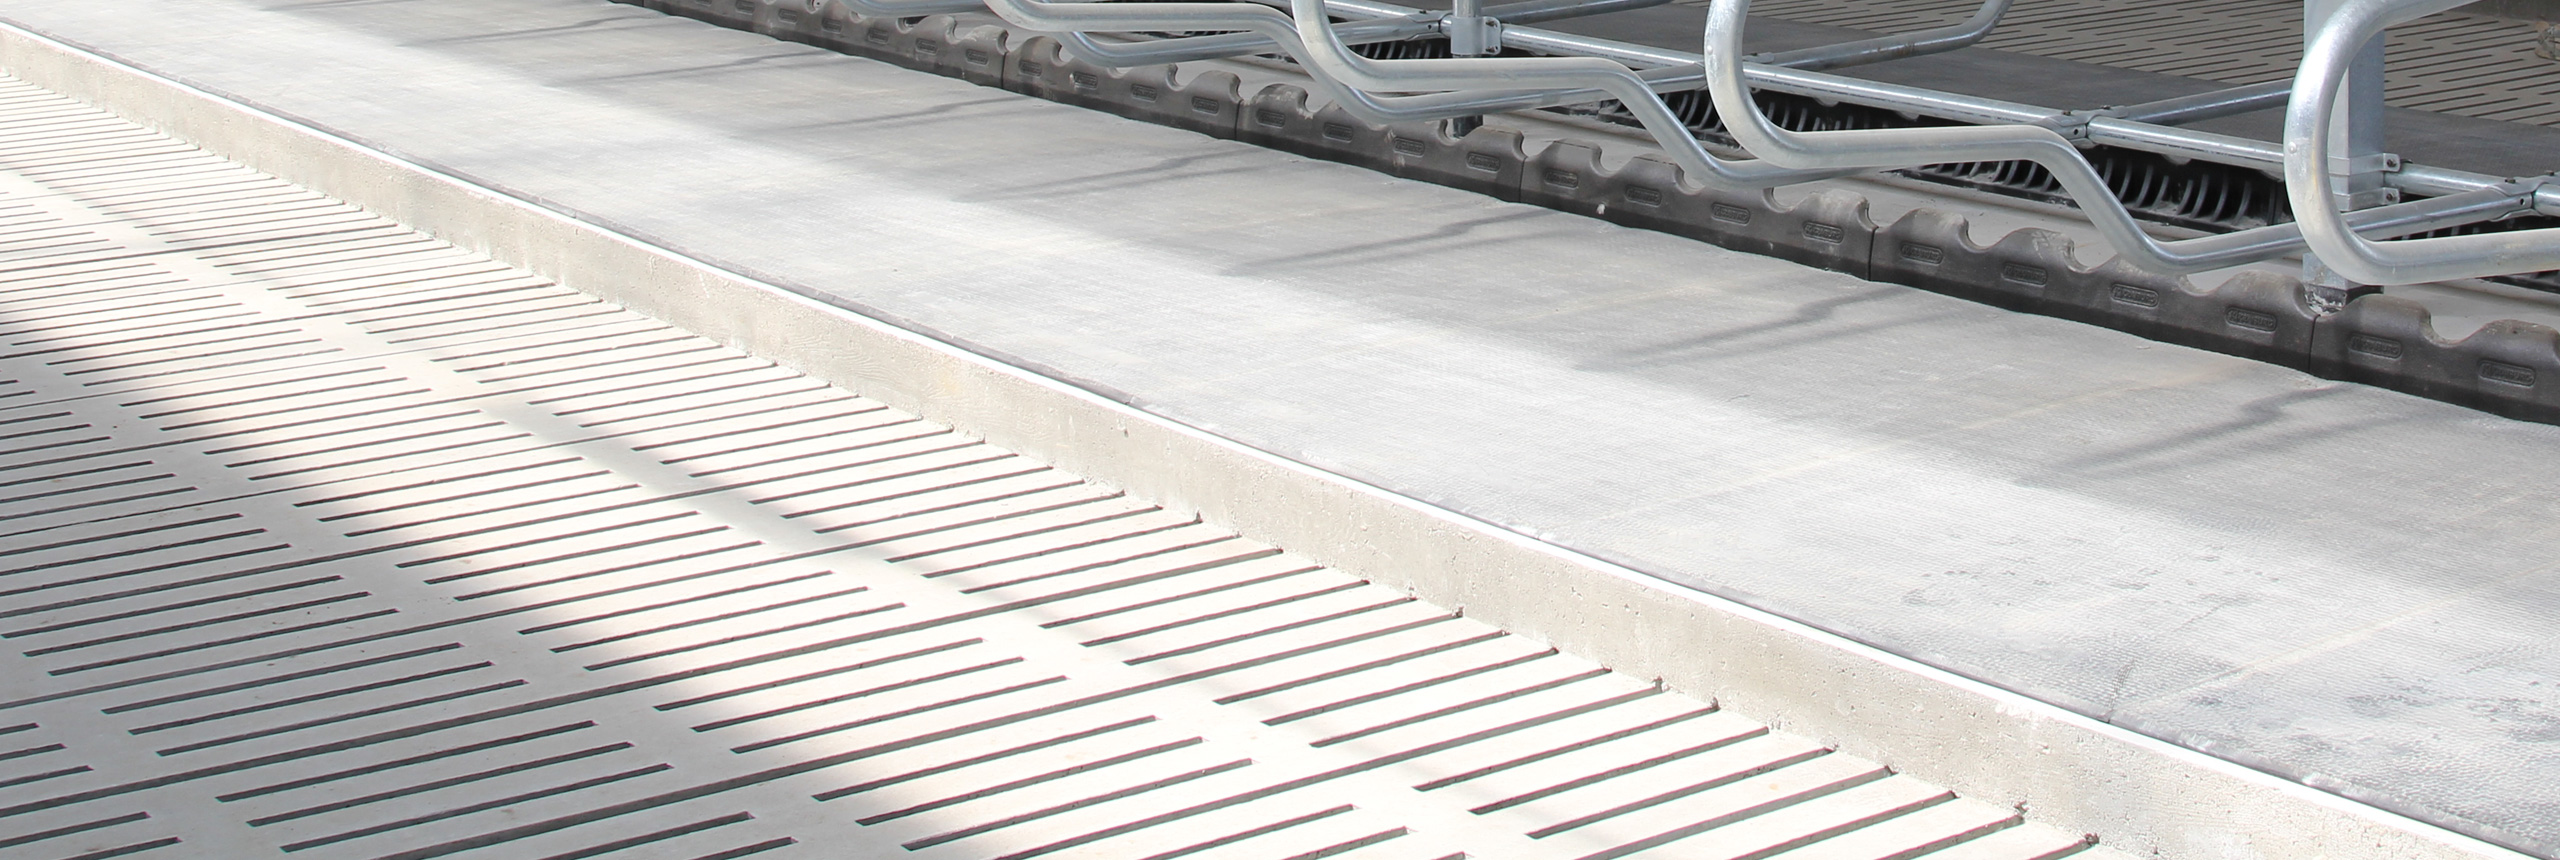 Podłogi rusztowe dla bydła Precon Polska